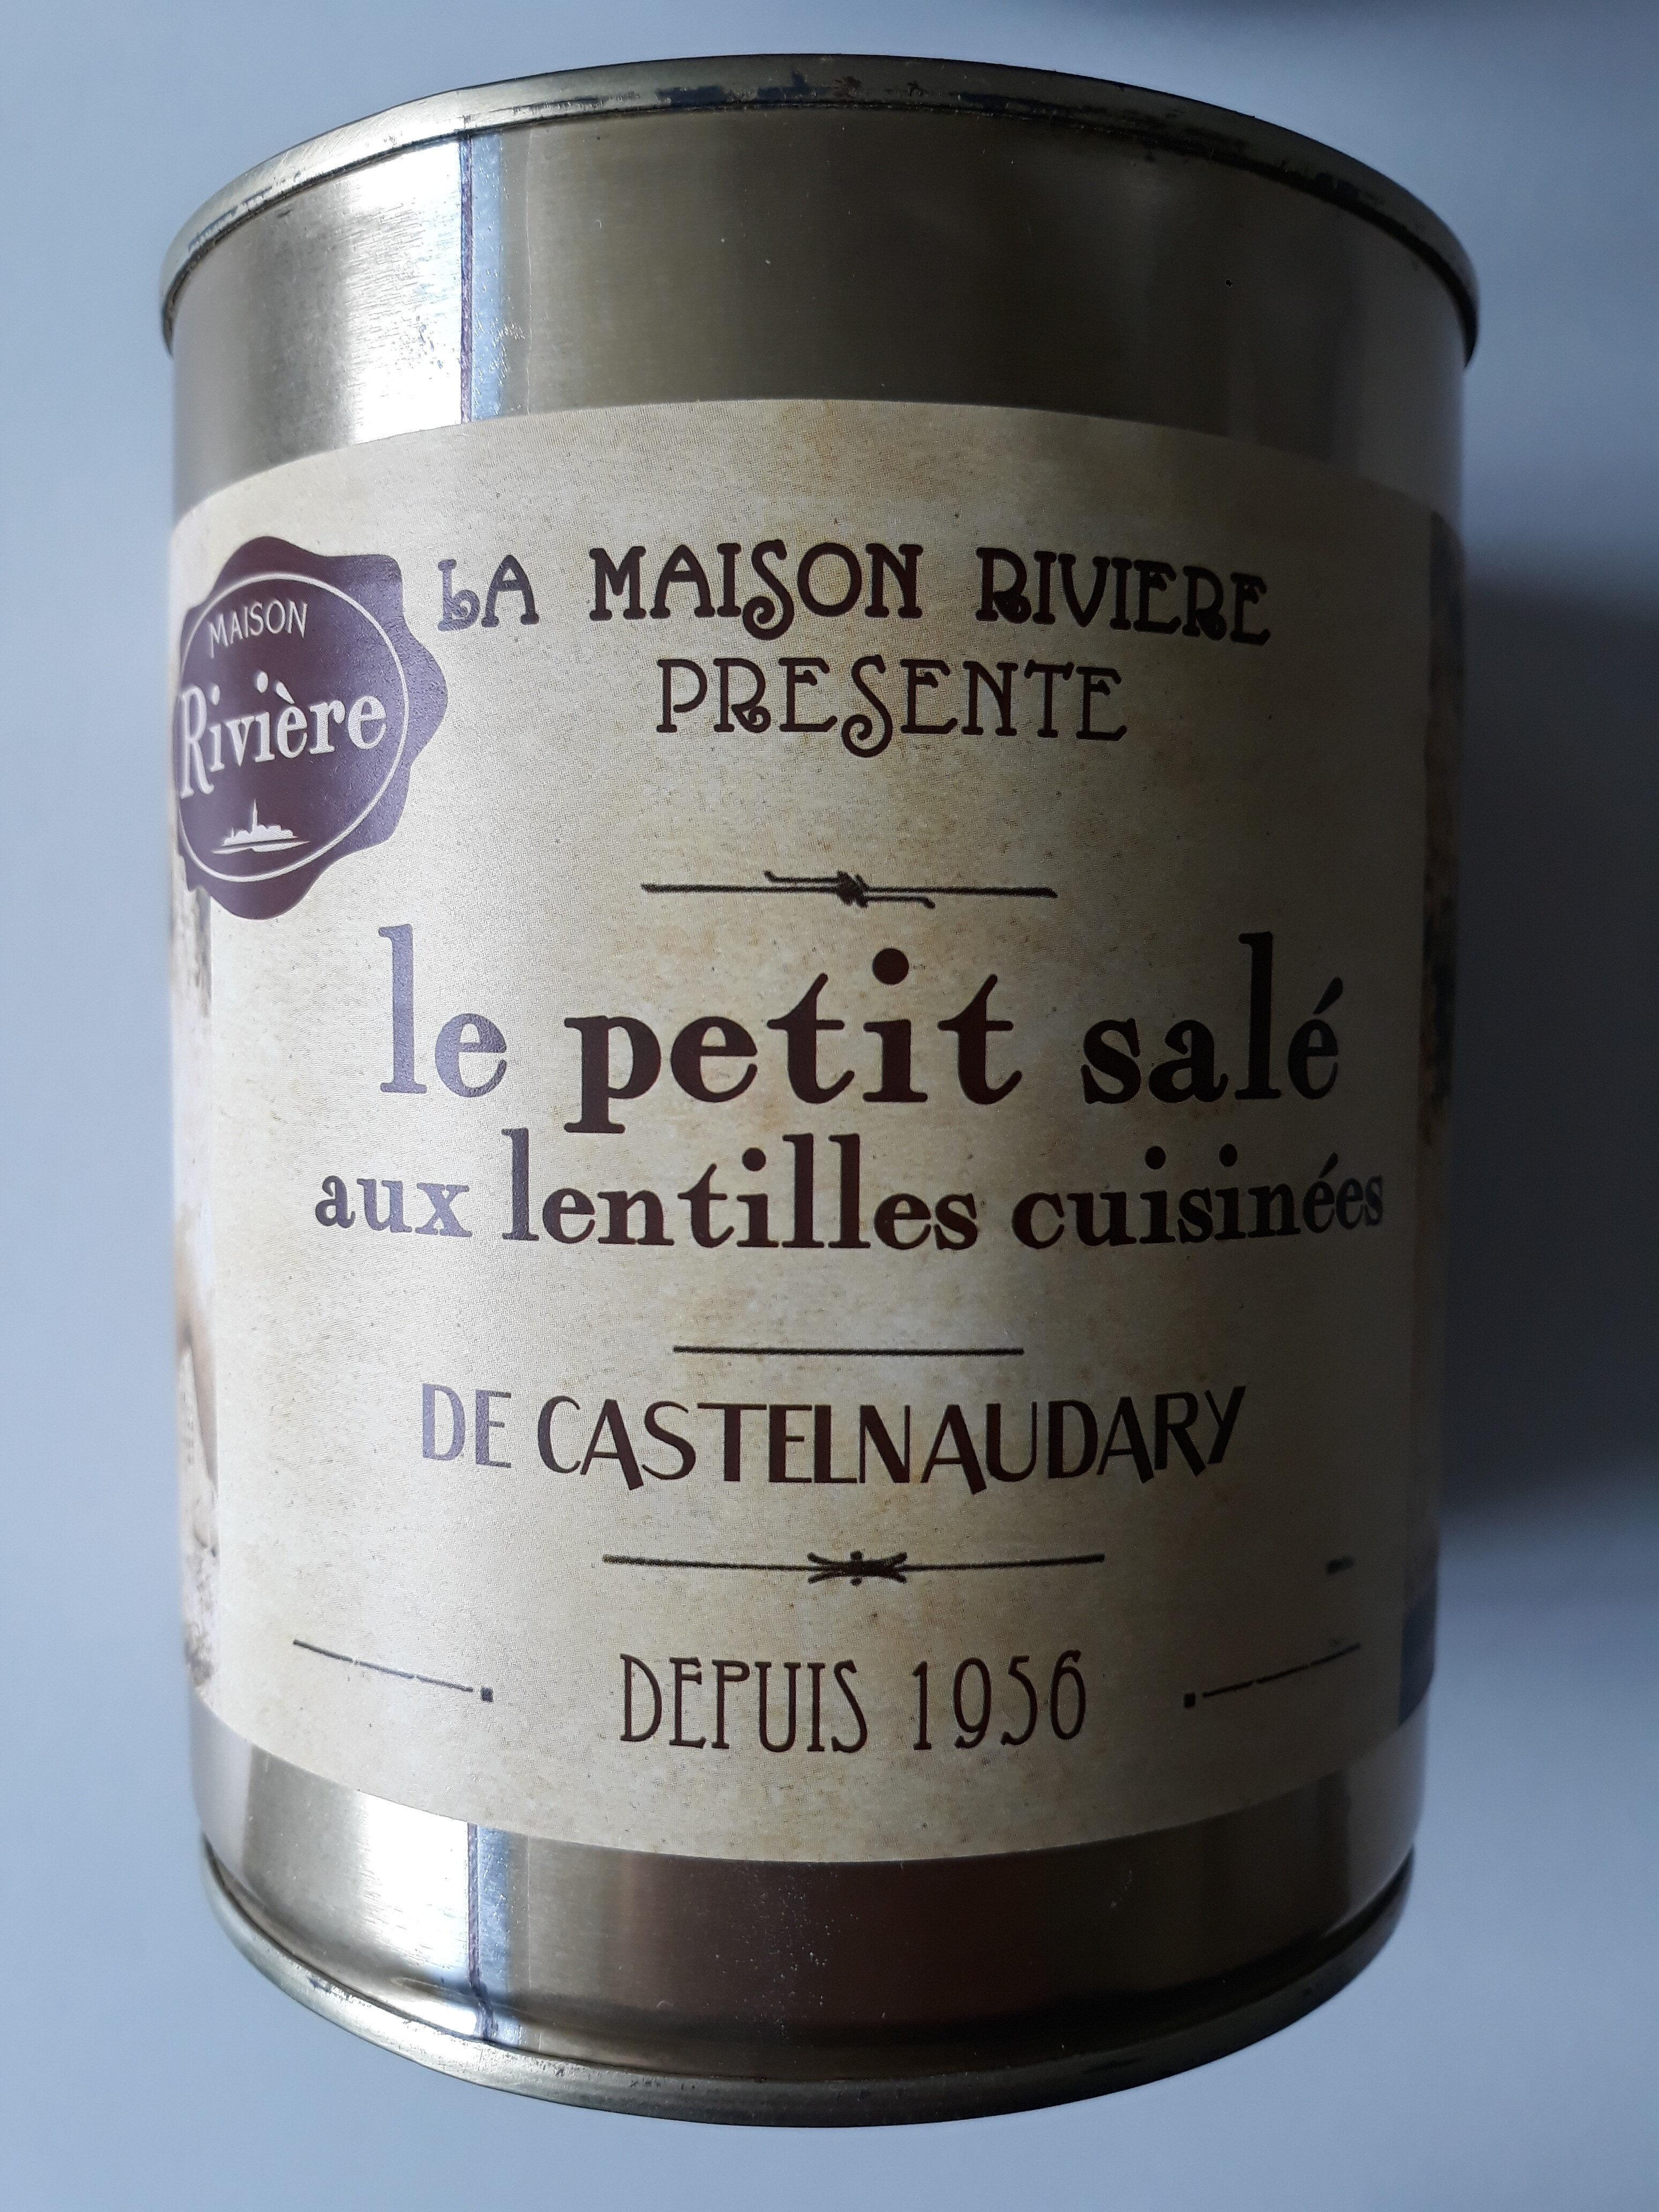 Petit salé aux lentilles MAISON RIVIERE, 4/4, boîte de - Product